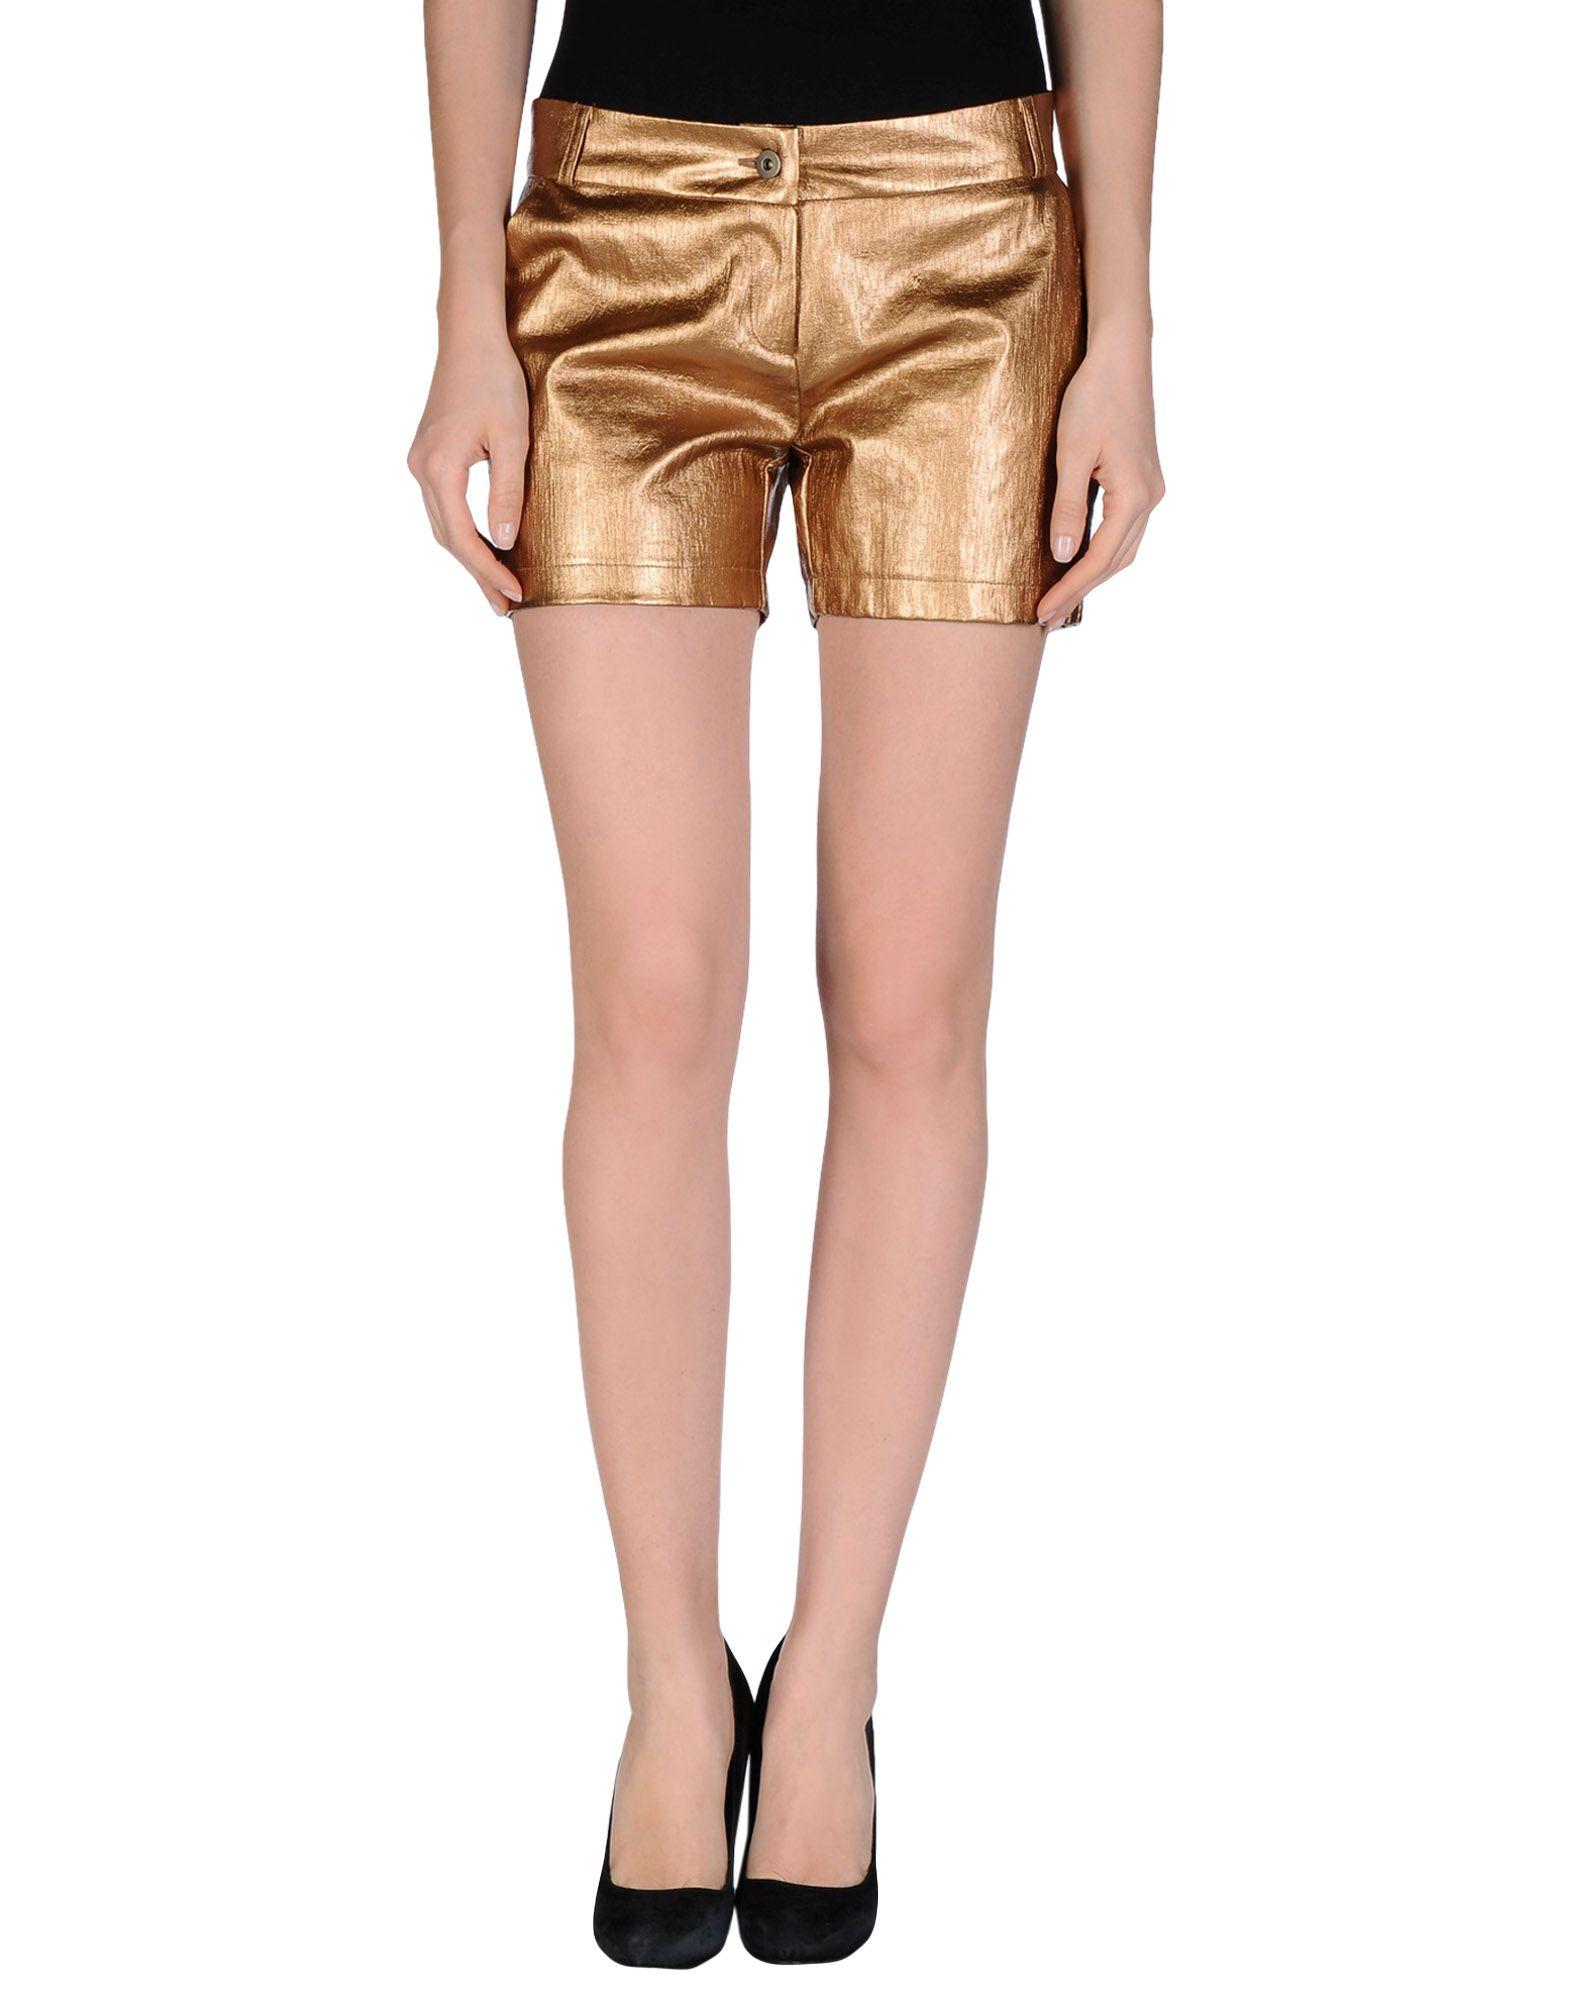 0390c8518d7d Abbigliamento da Donna - Offerte online su Shopping Love